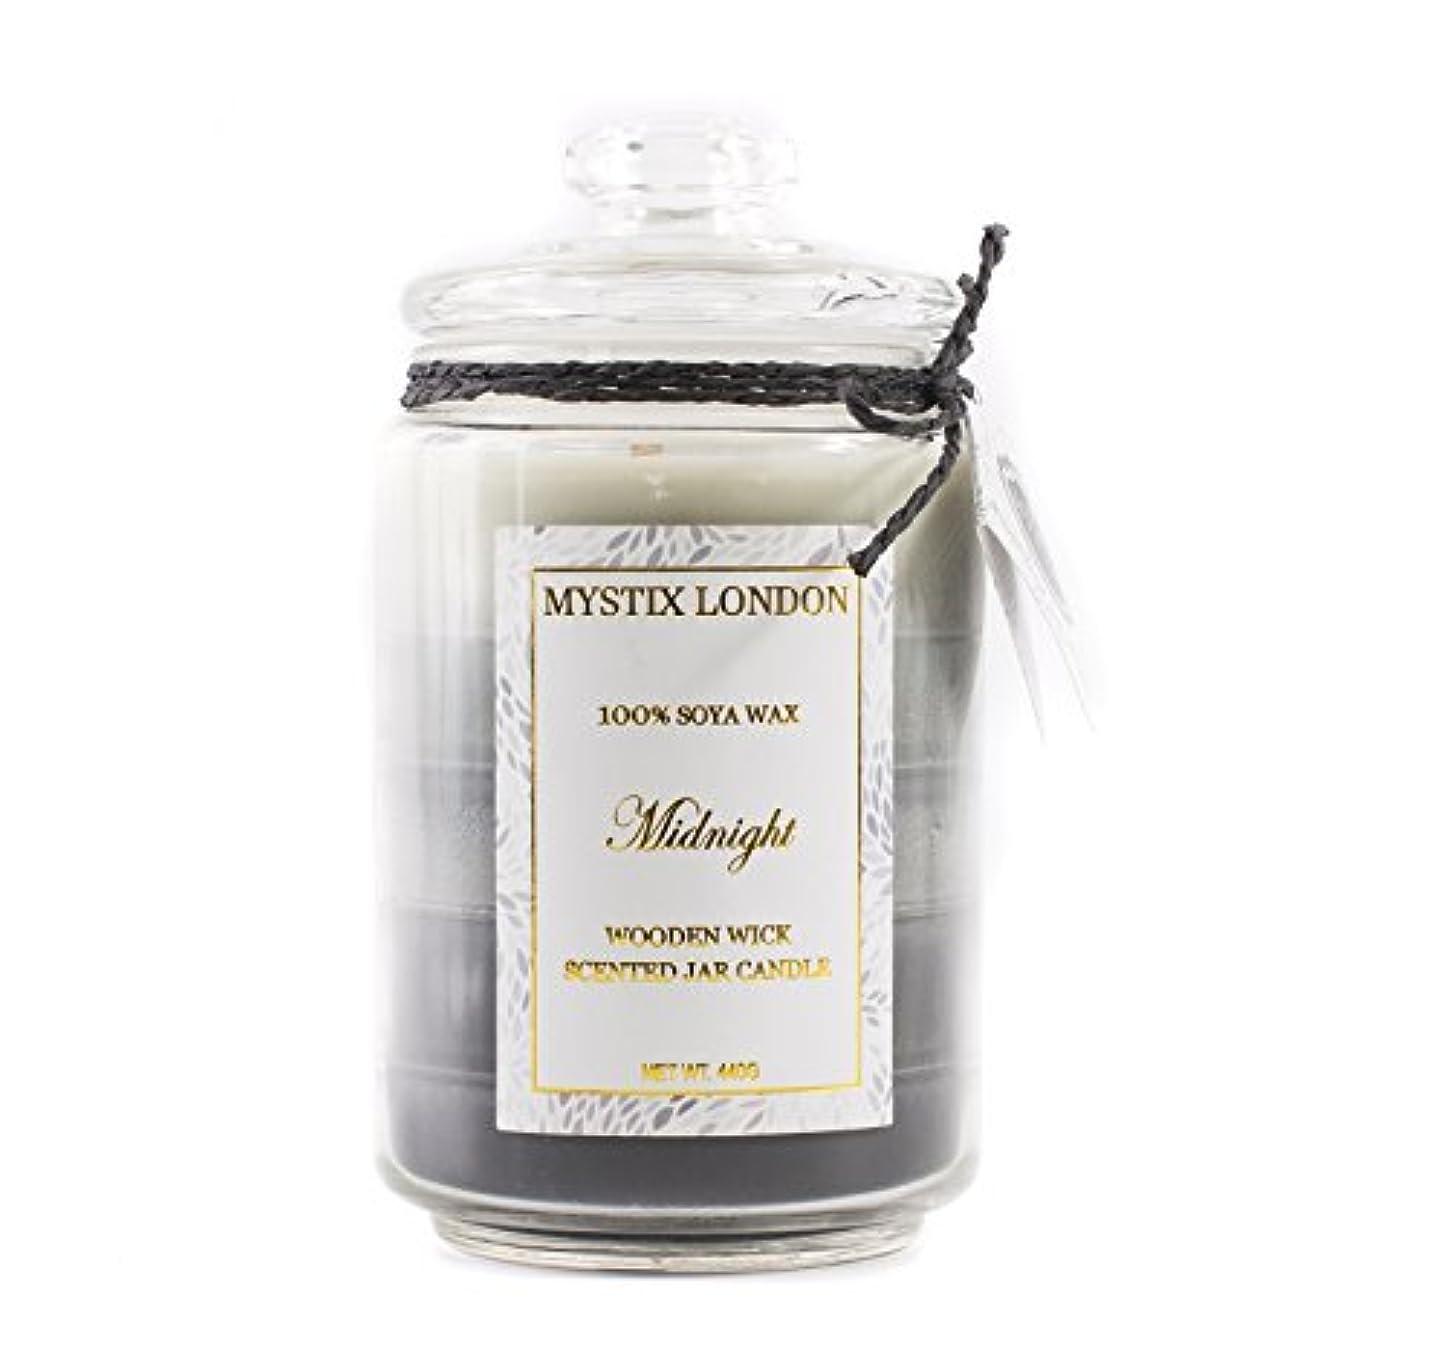 シットコムオール巨大なMystix London Midnight Wooden Wick Scented Jar Candle 440g